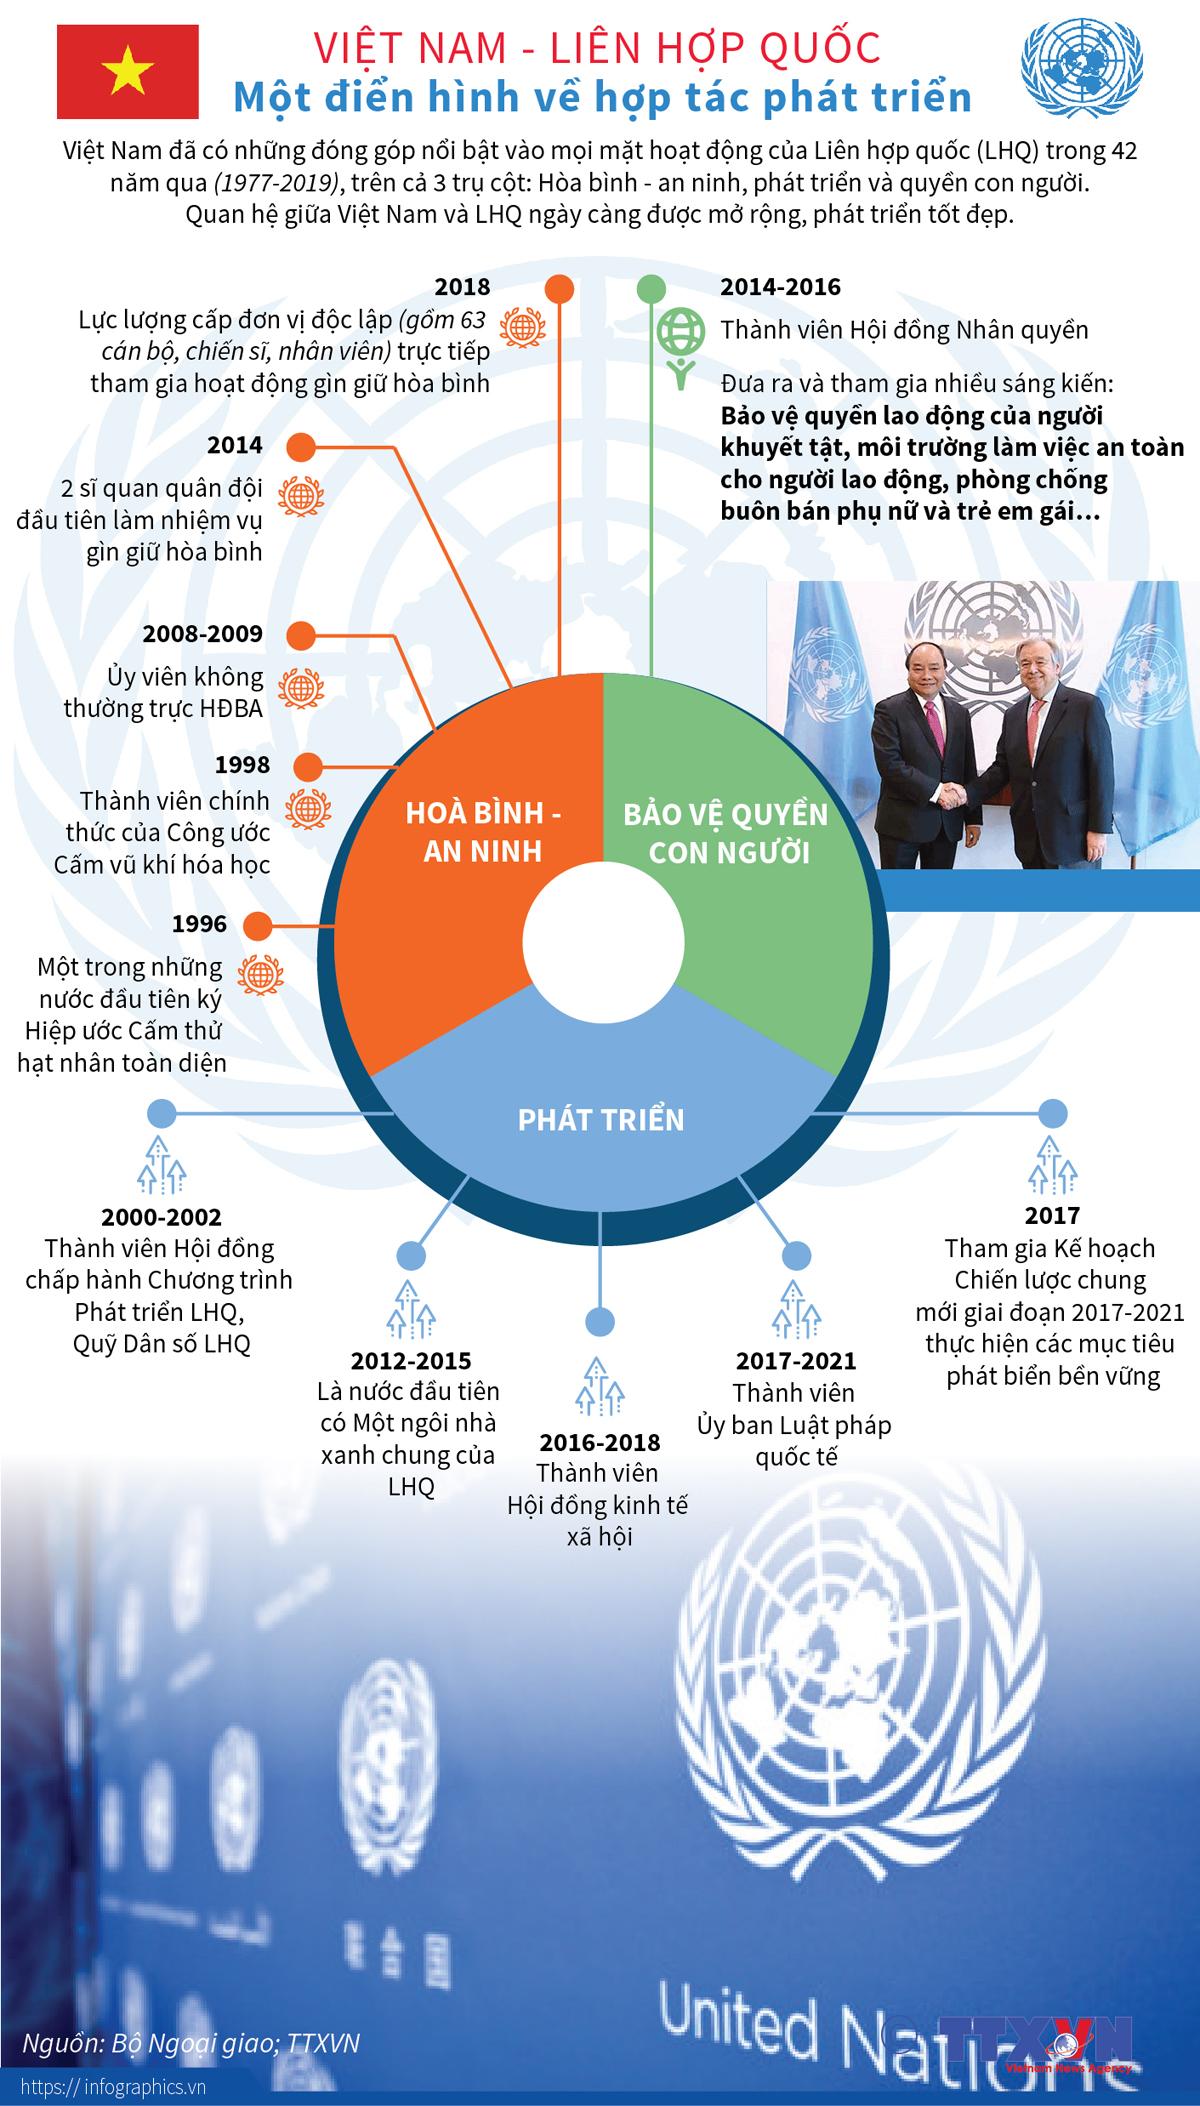 chính trị, ngoại giao, việt nam, liên hợp quốc, điển hình, hợp tác phát triển